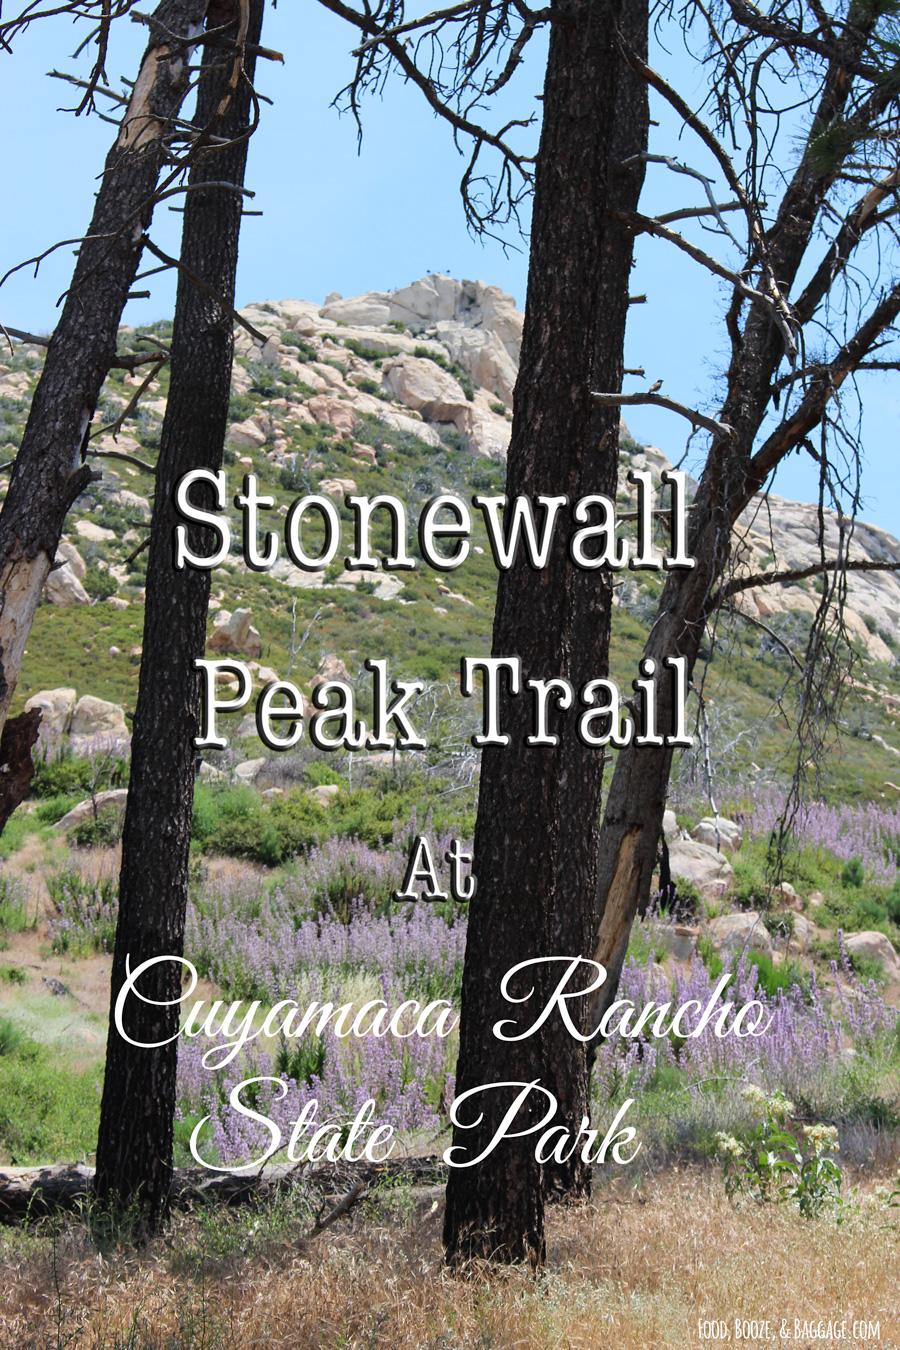 Stonewall Peak Trail at Cuyamaca Rancho